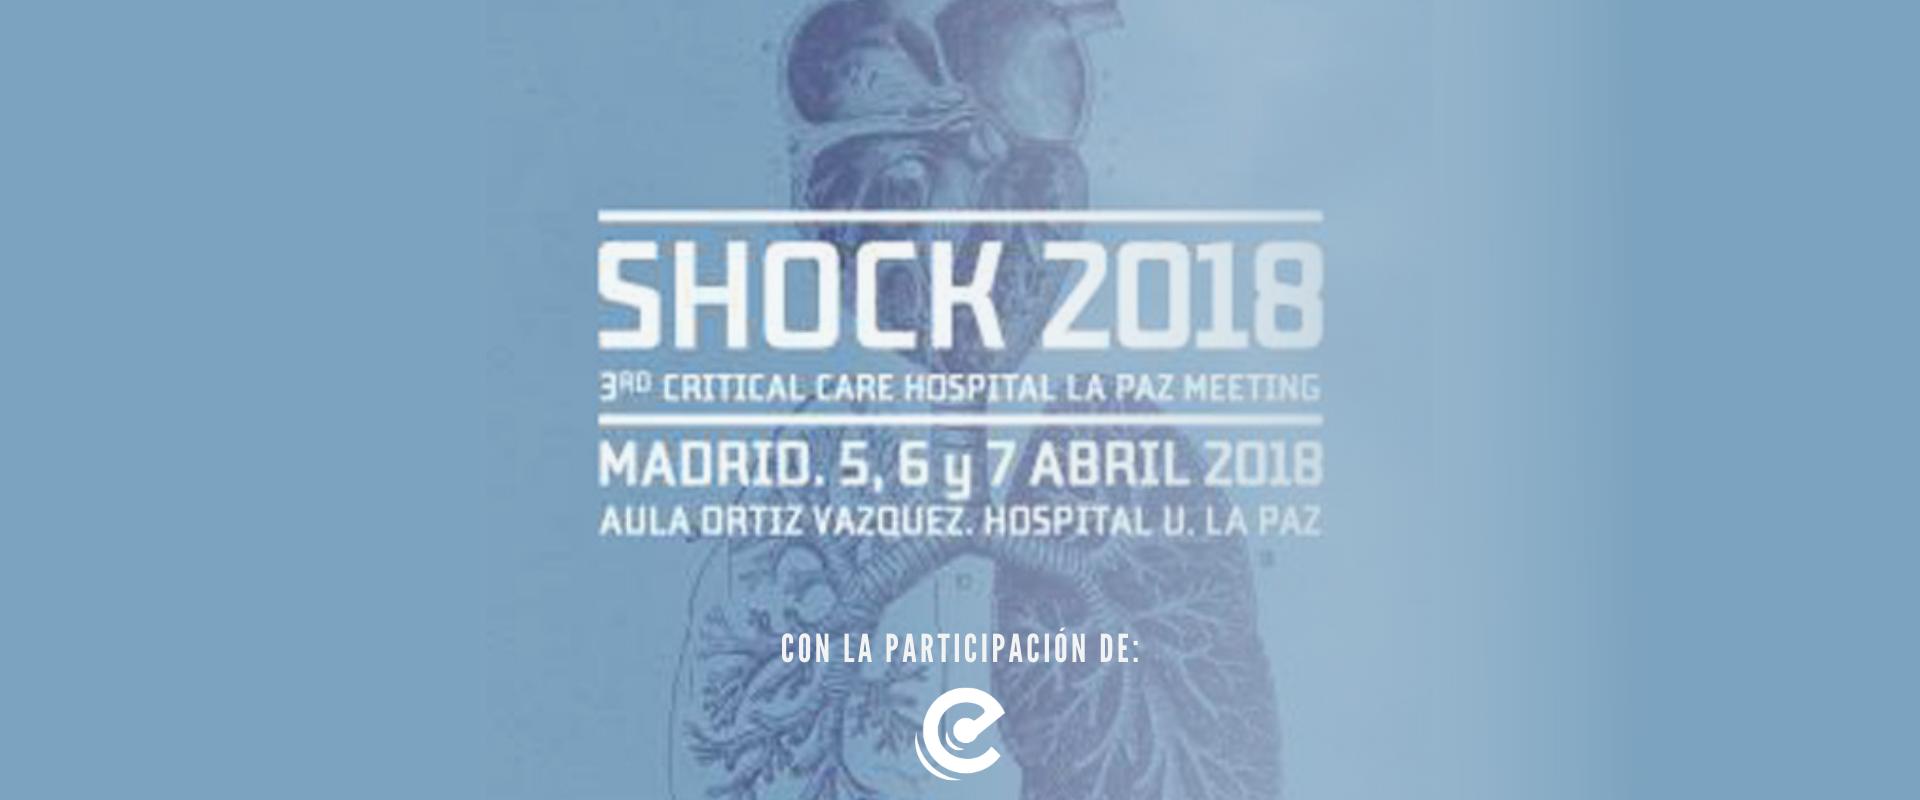 ECOCRITIC SHOCK 2018